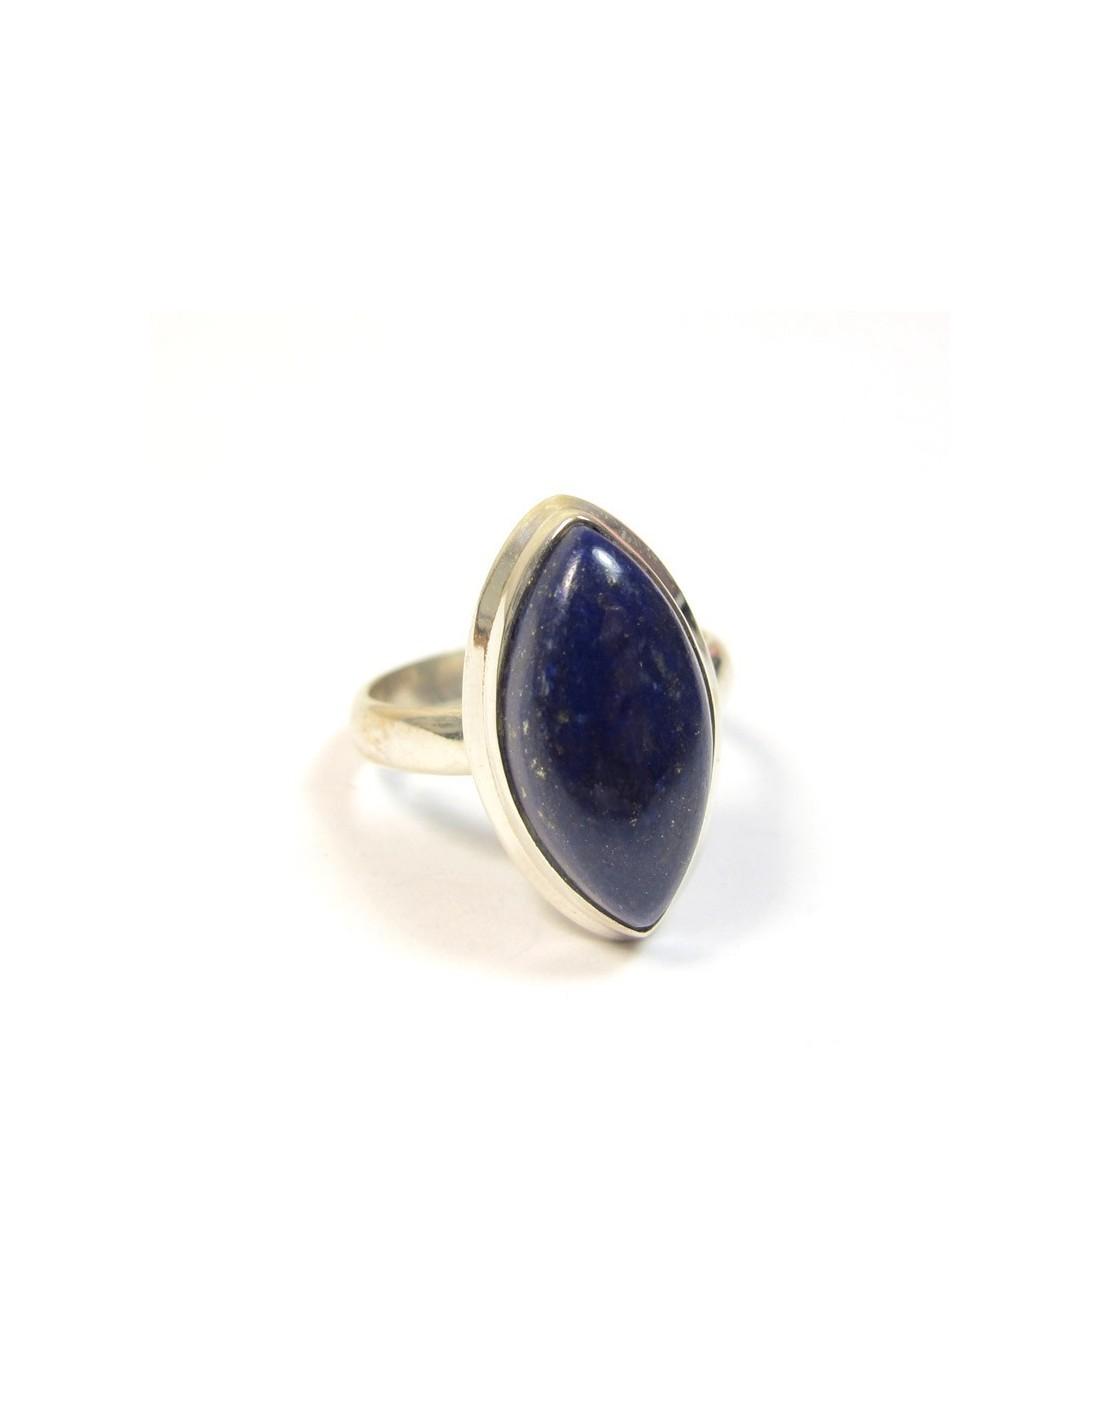 bague argent et lapis lazuli bijoux argent sobres b644. Black Bedroom Furniture Sets. Home Design Ideas